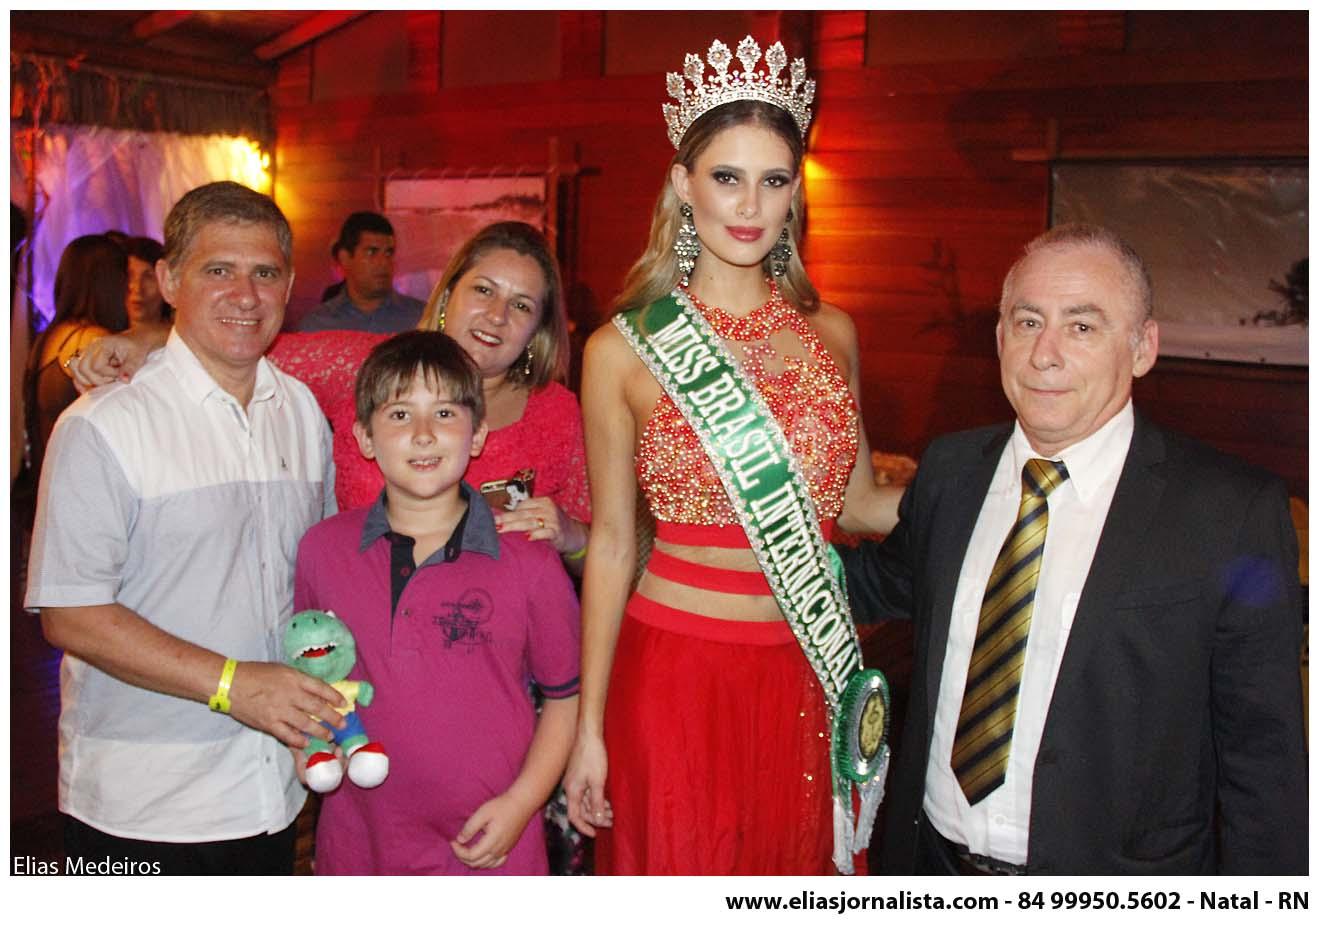 brasil top 10 de miss internacional 2015. MG_0161